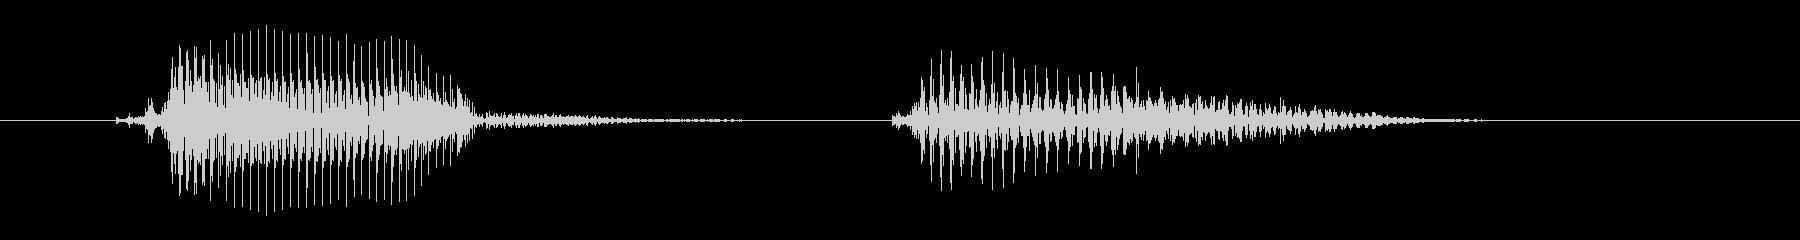 テンパイ(女性・麻雀)の未再生の波形